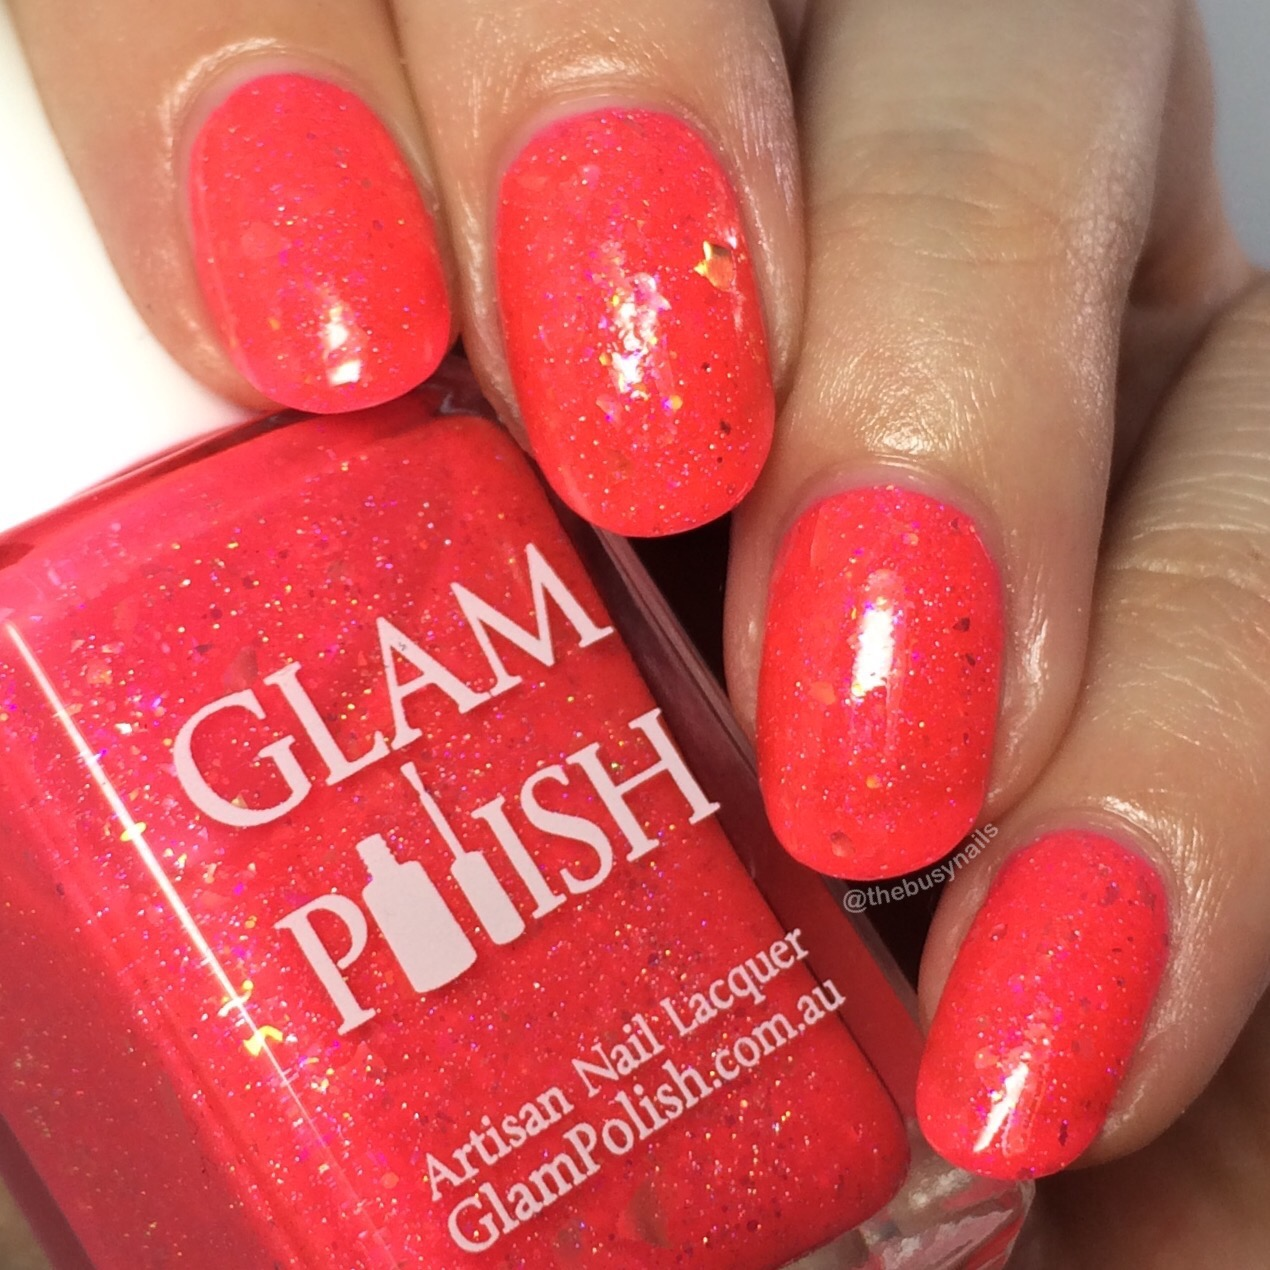 glam-polish-wish-upon-clownfish-1.jpg